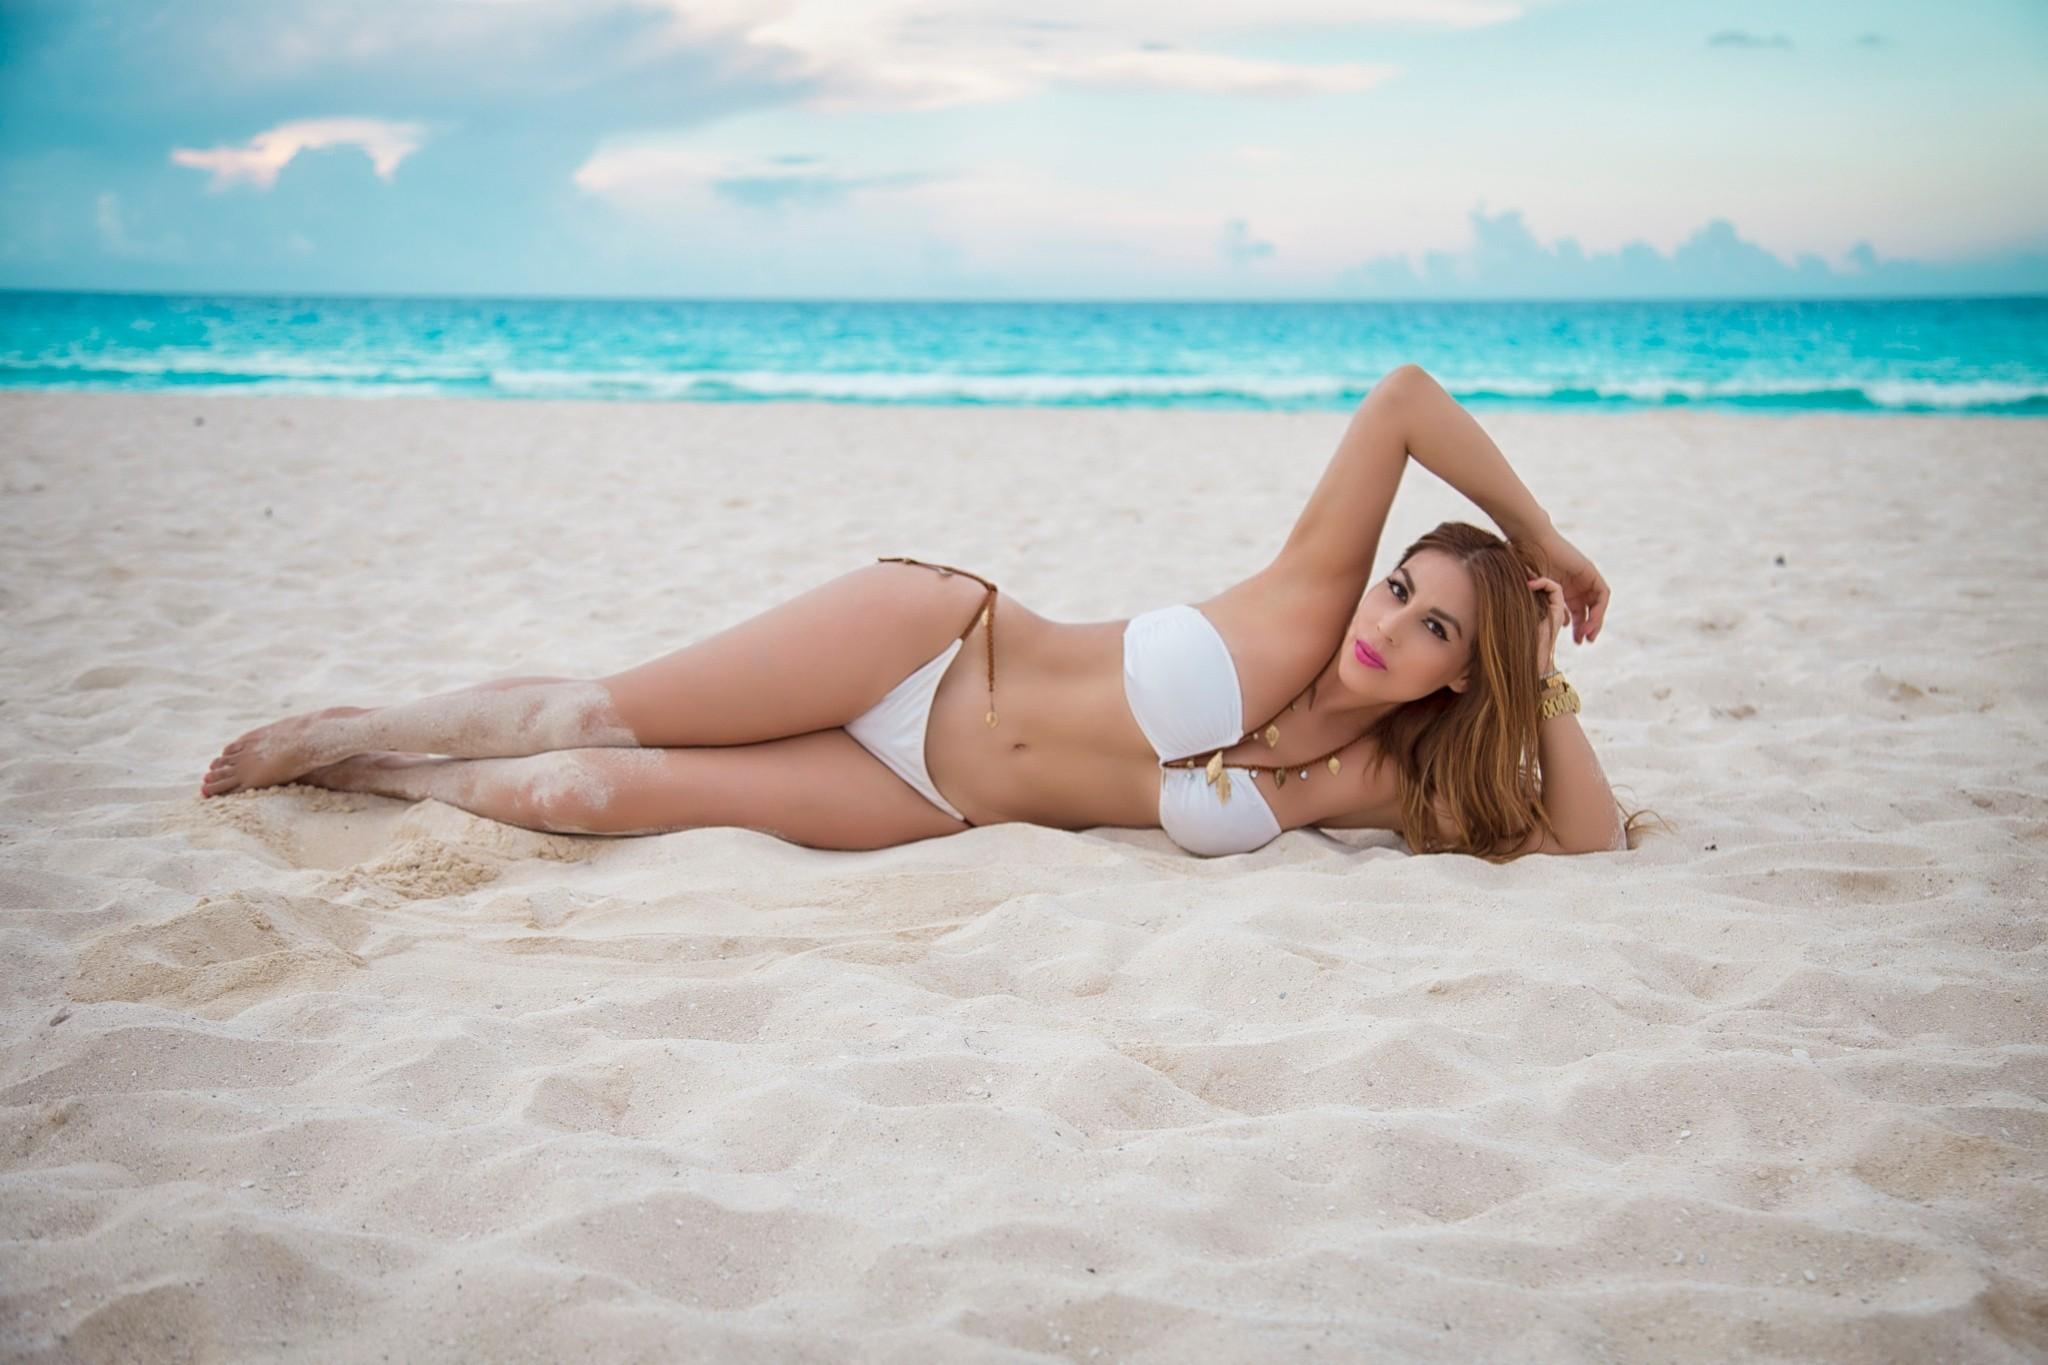 Пляжные фото женщина #2